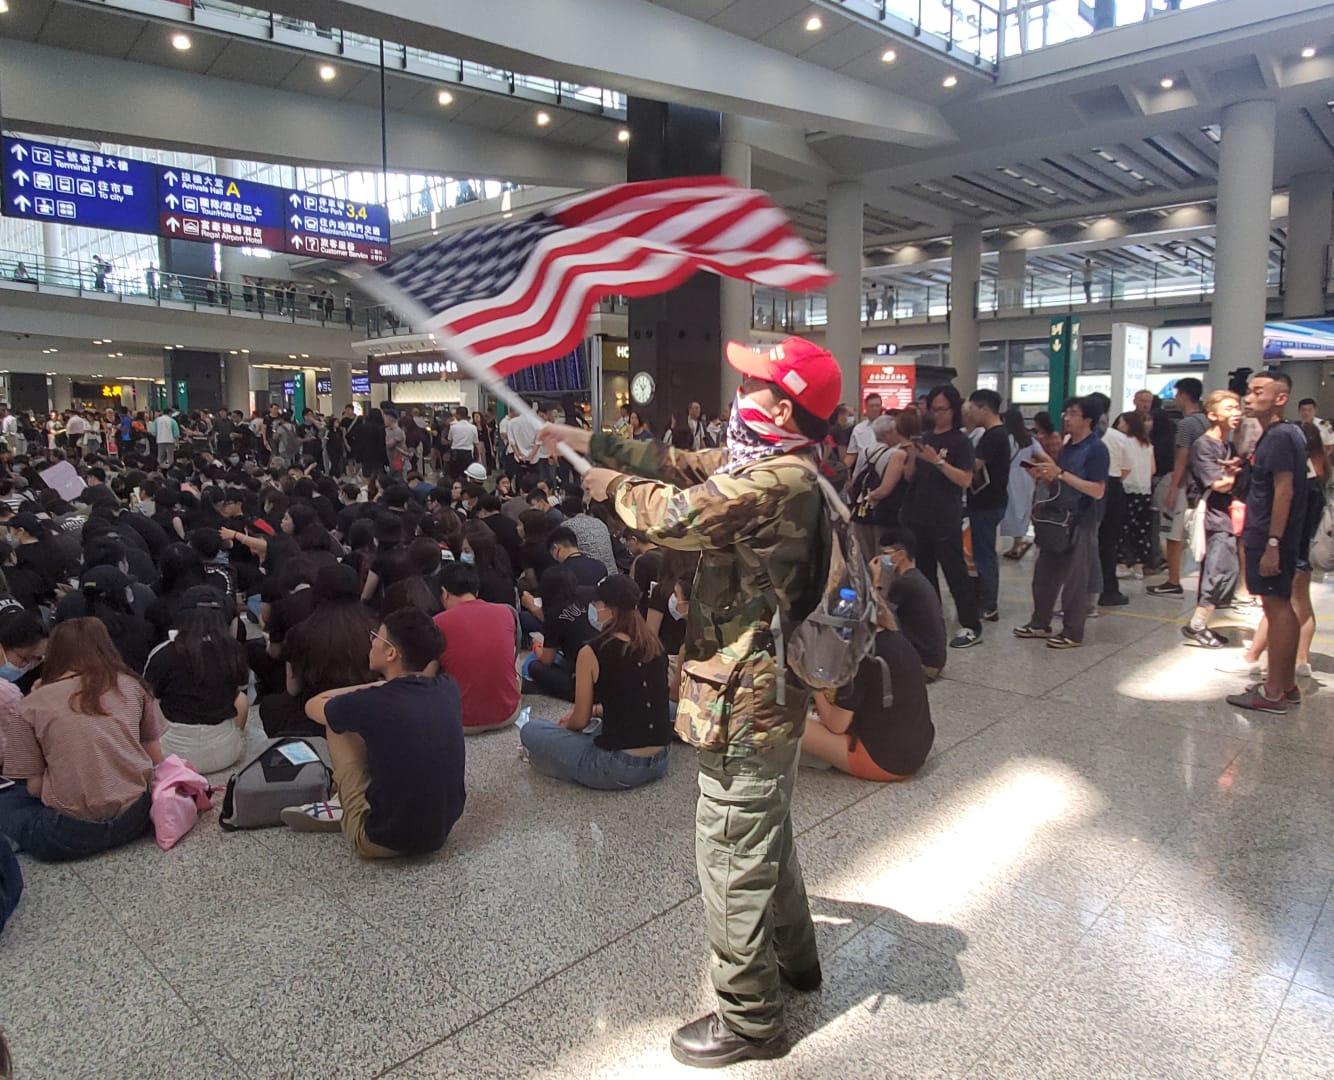 有人在場揮舞美國國旗。